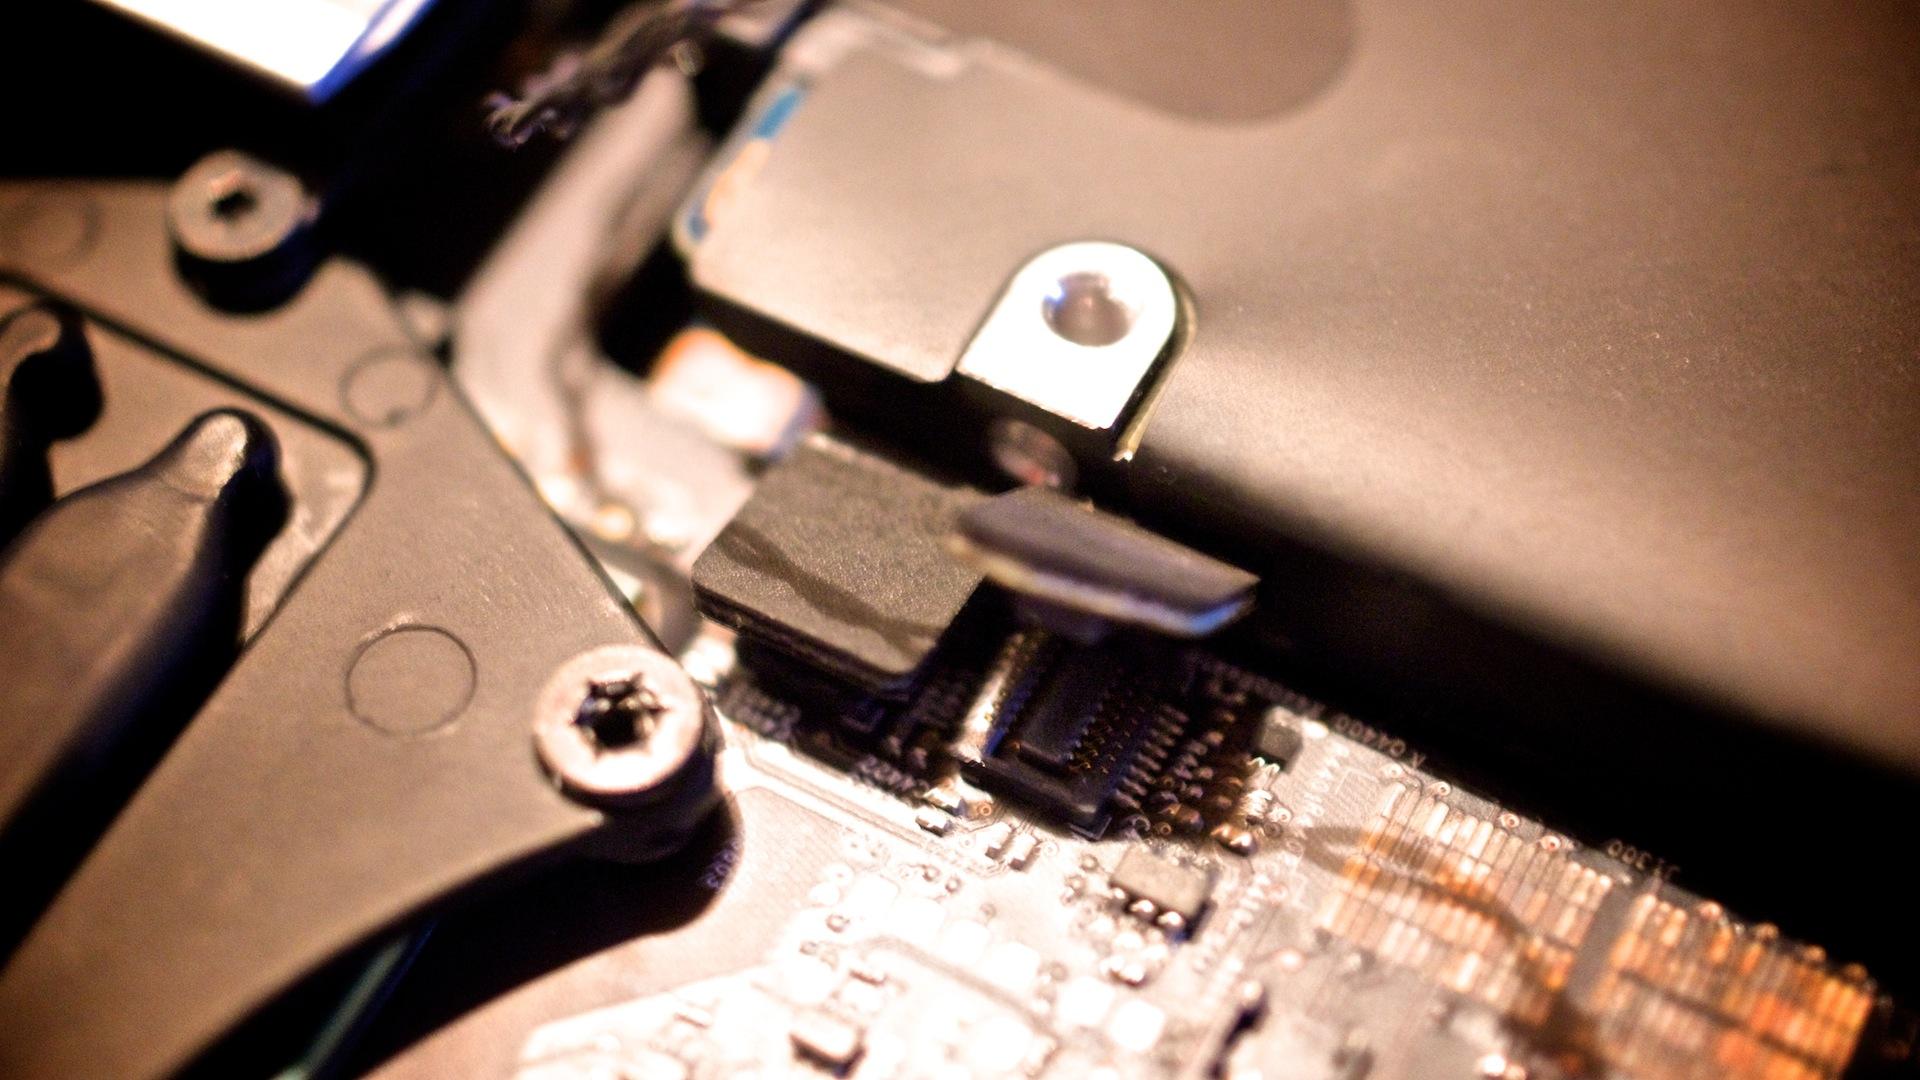 Plextor M5S SSD in Macmini2010 1151